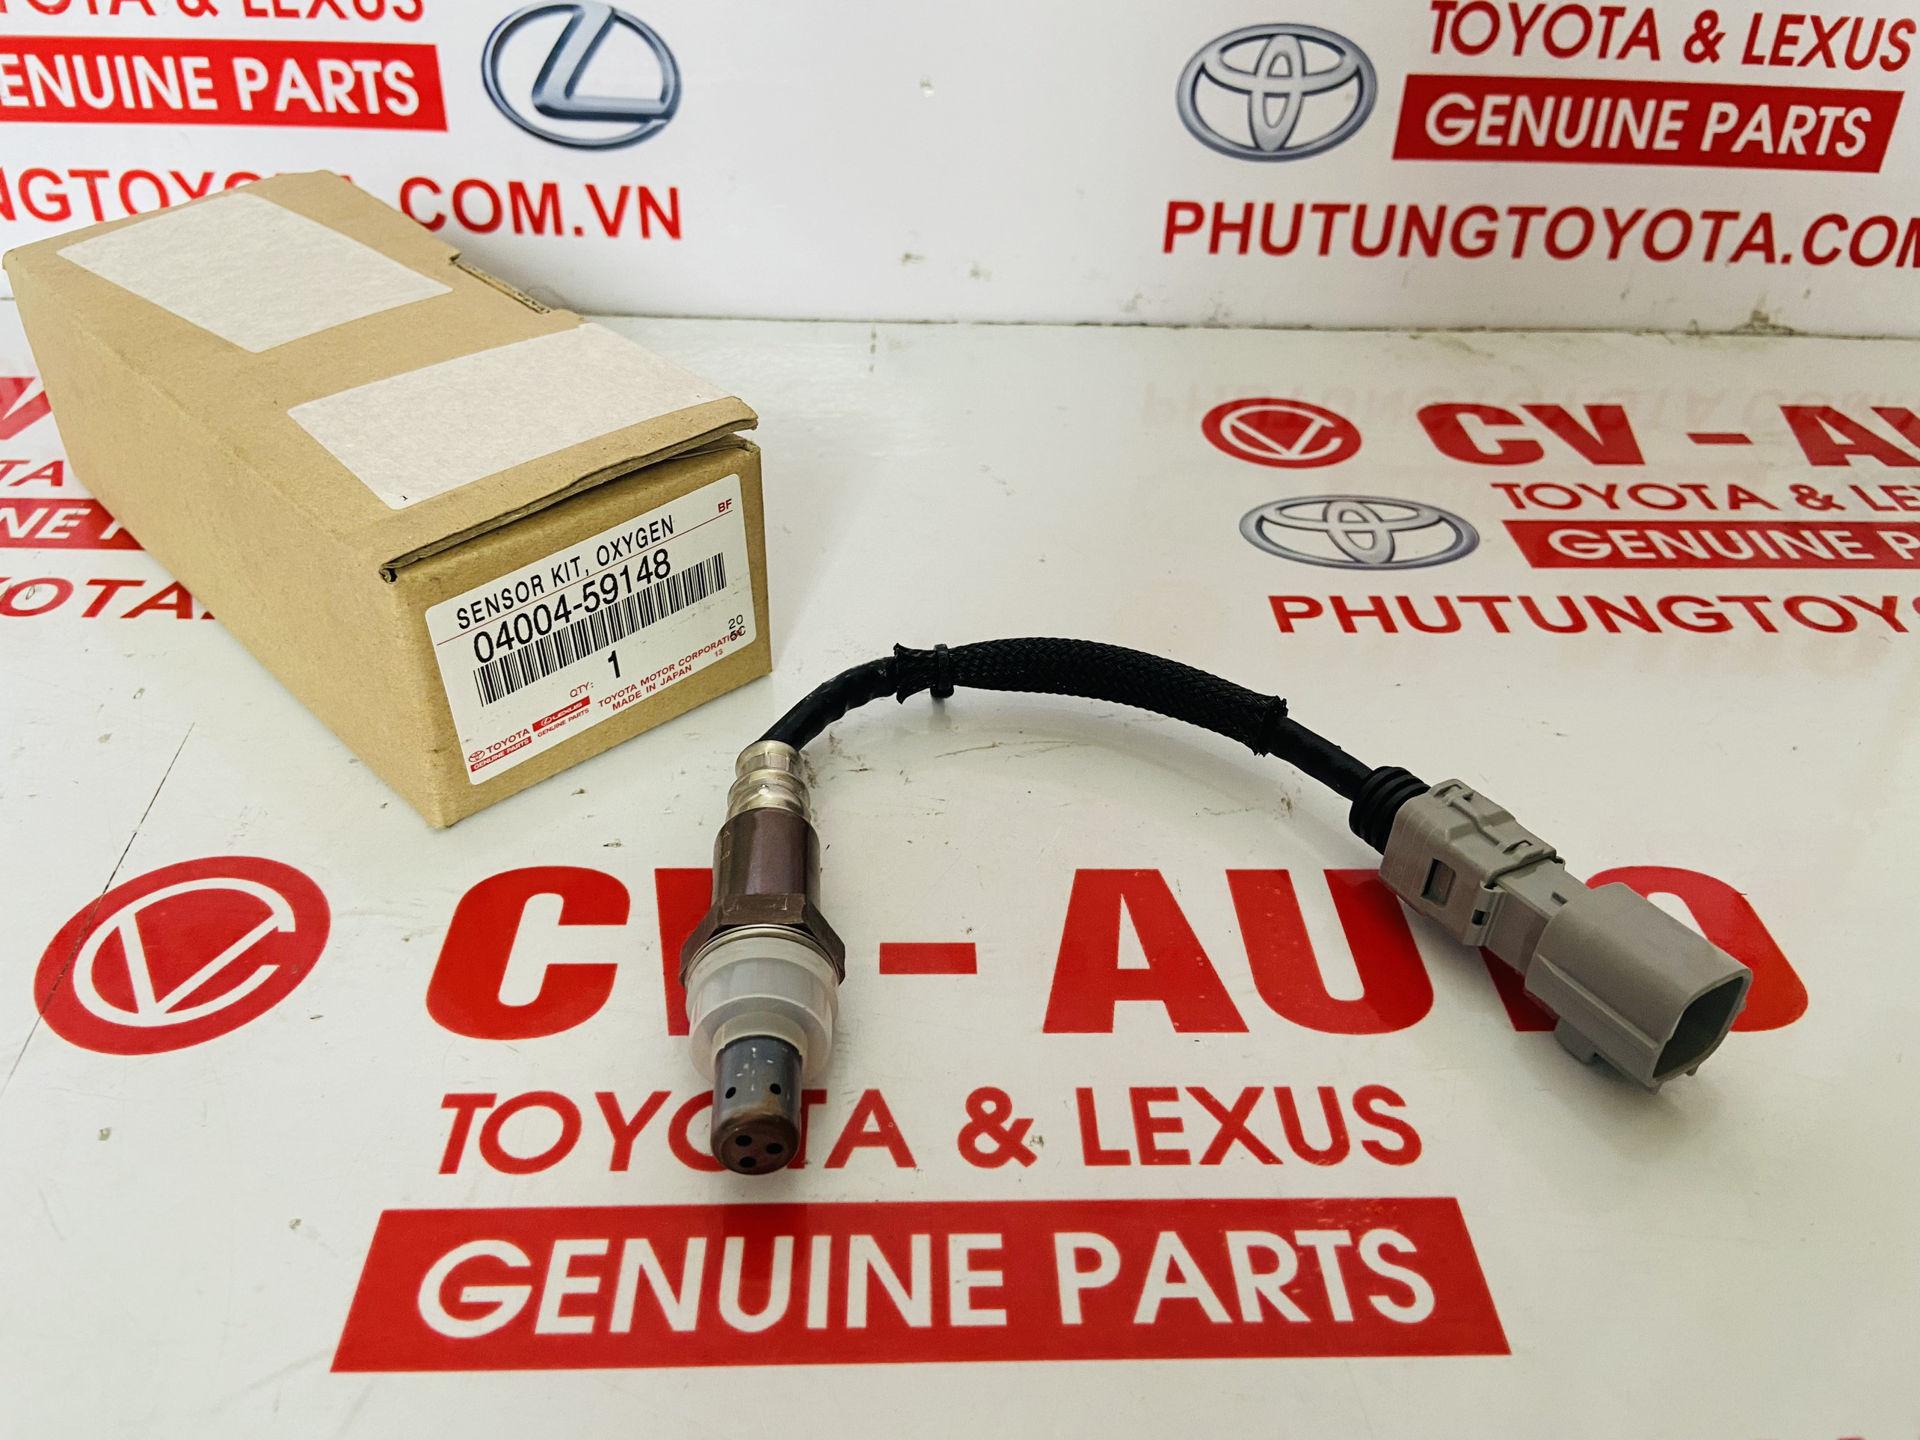 Picture of 04004-59148 Cảm biến ô xy khí xả Lexus RX350/450H Hybrid chính hãng